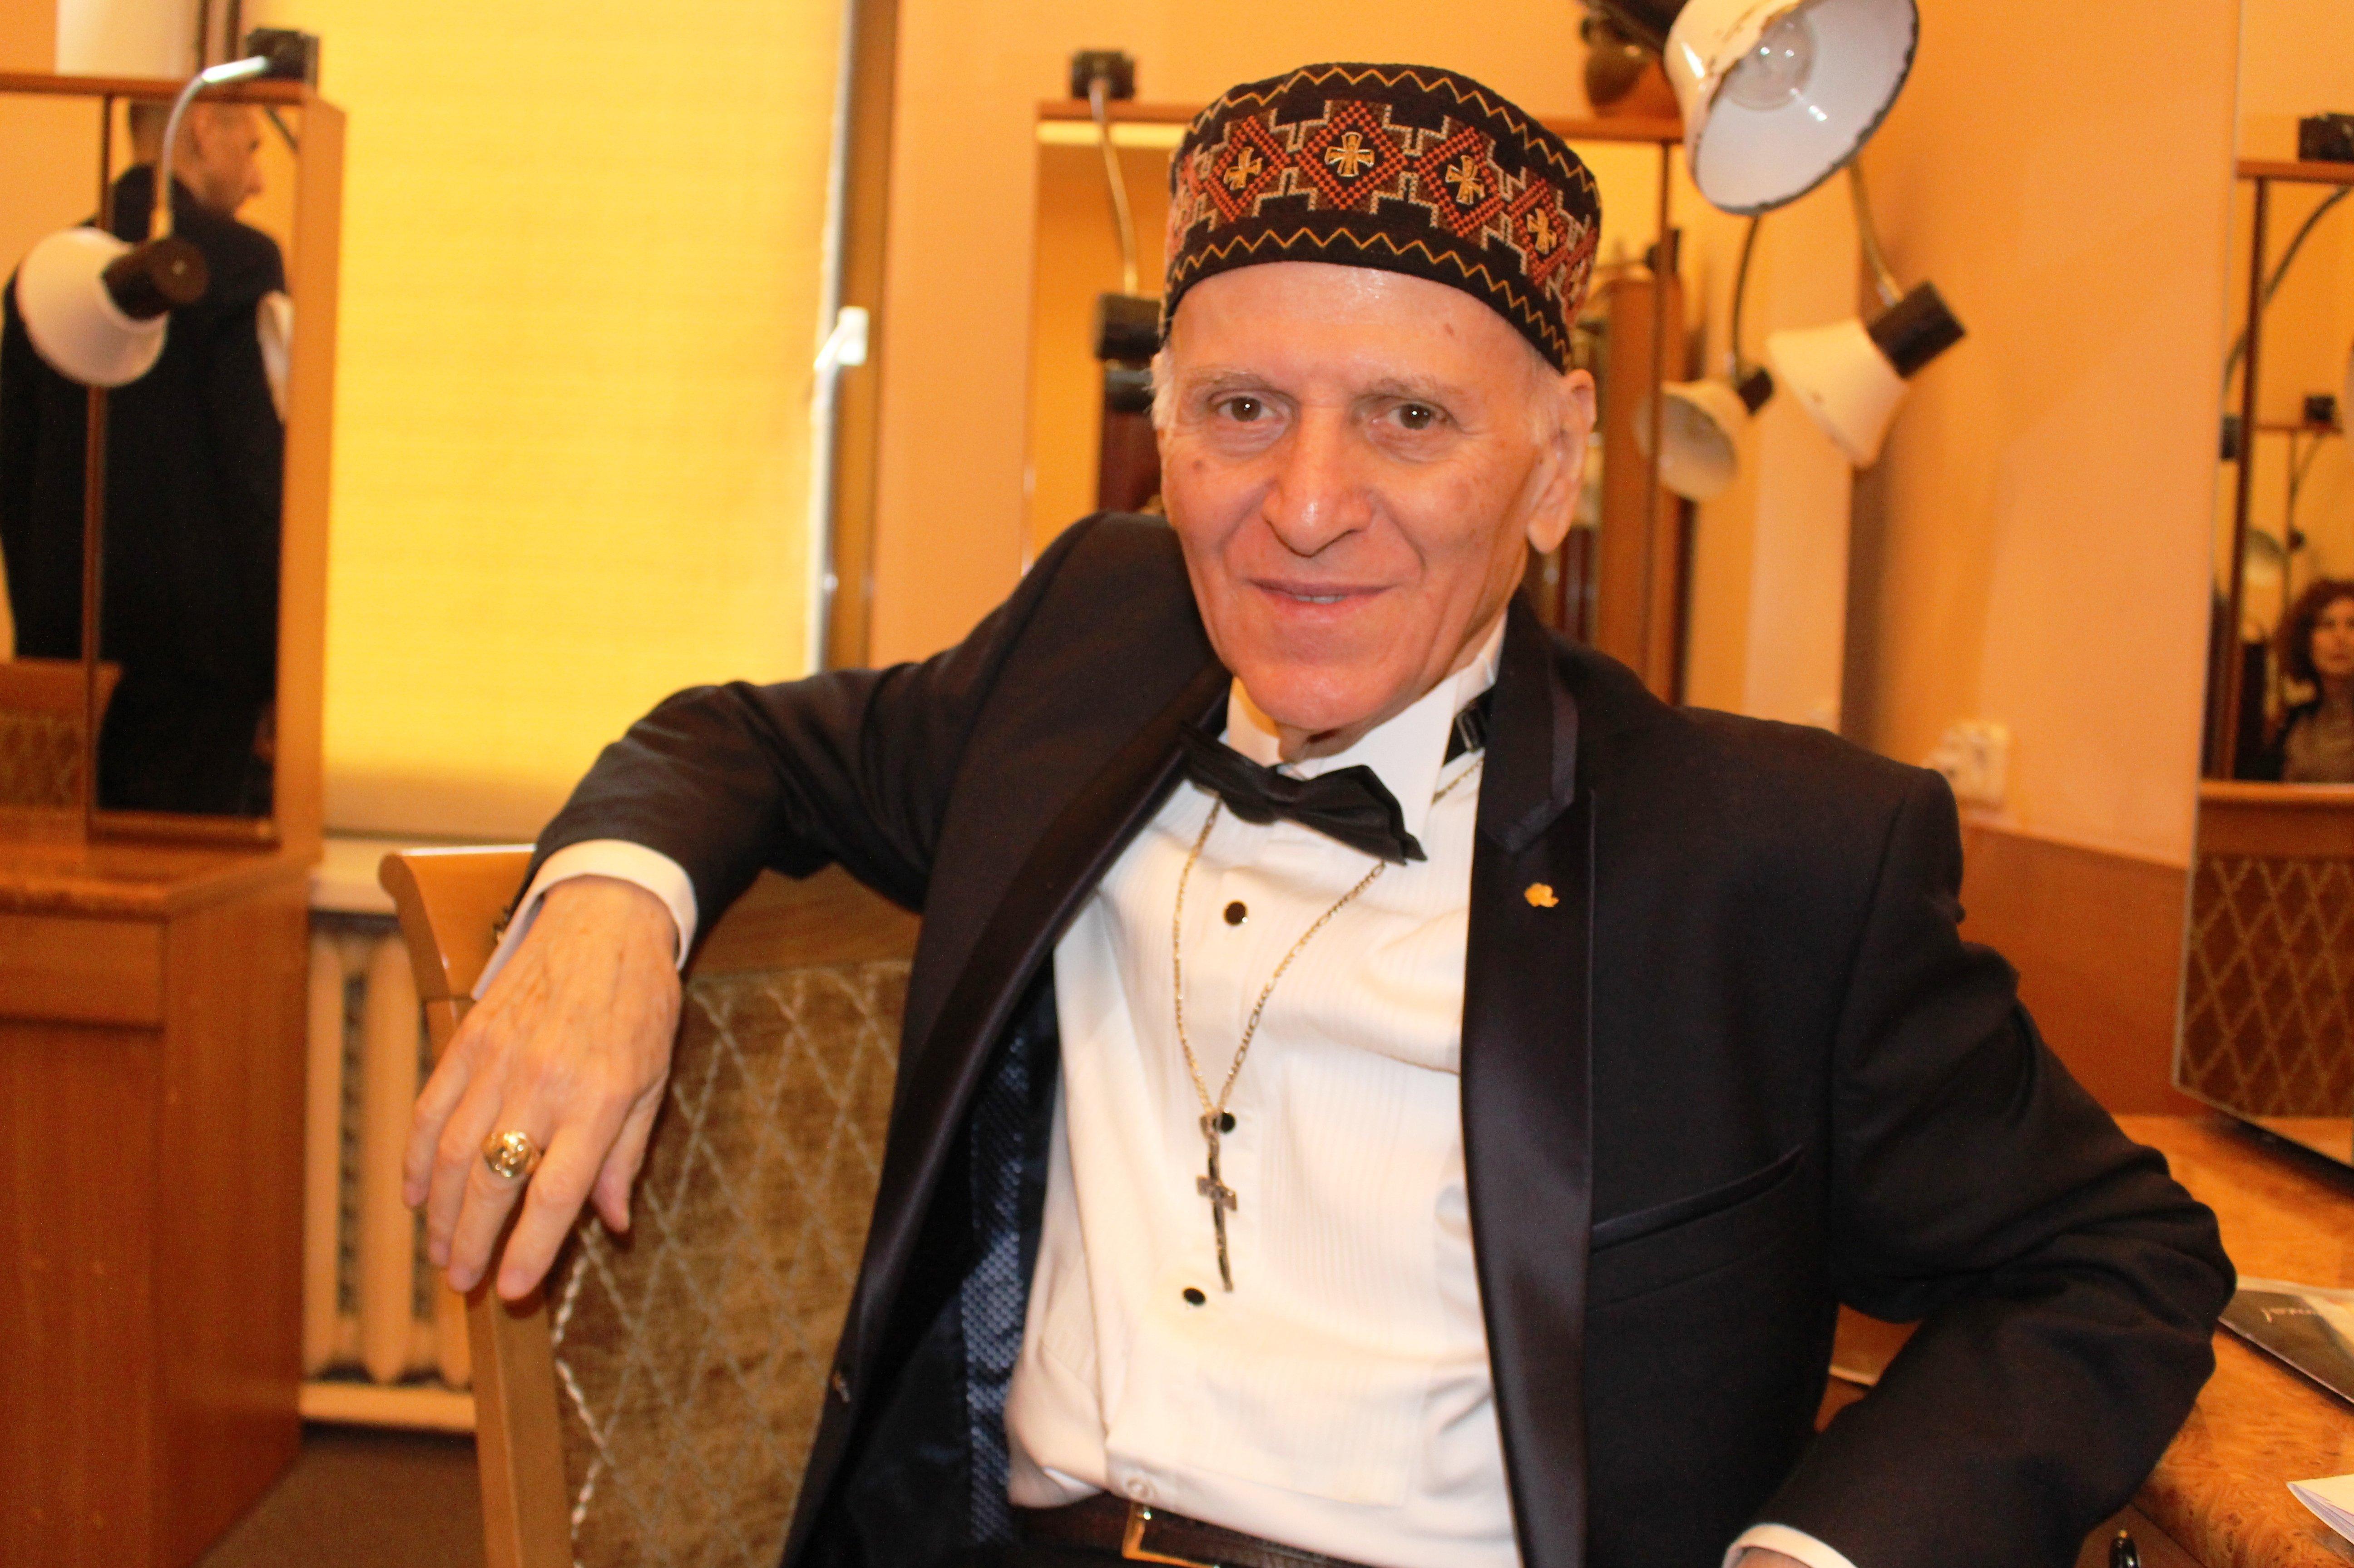 Педагогу уже 86 лет, но он два дня с утра до вечера общался с людьми, читал лекции, раздавал автографы. А перерыв на обед у него составил всего 15 минут.